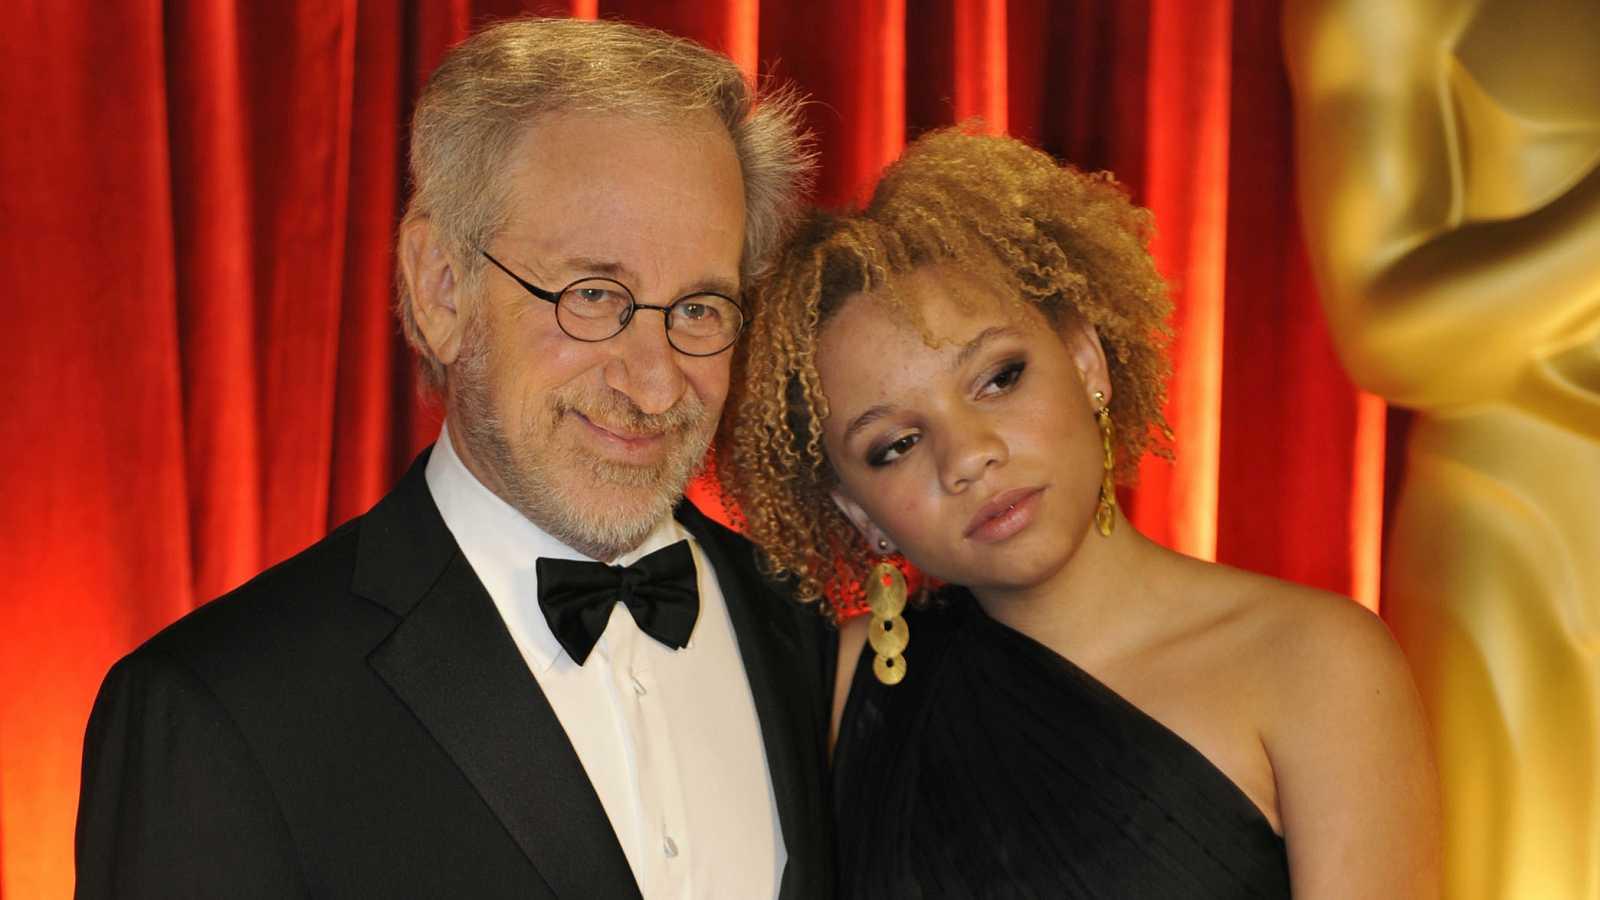 Mikaela junto a Steven Spielberg en la gala de los Oscar de 2009